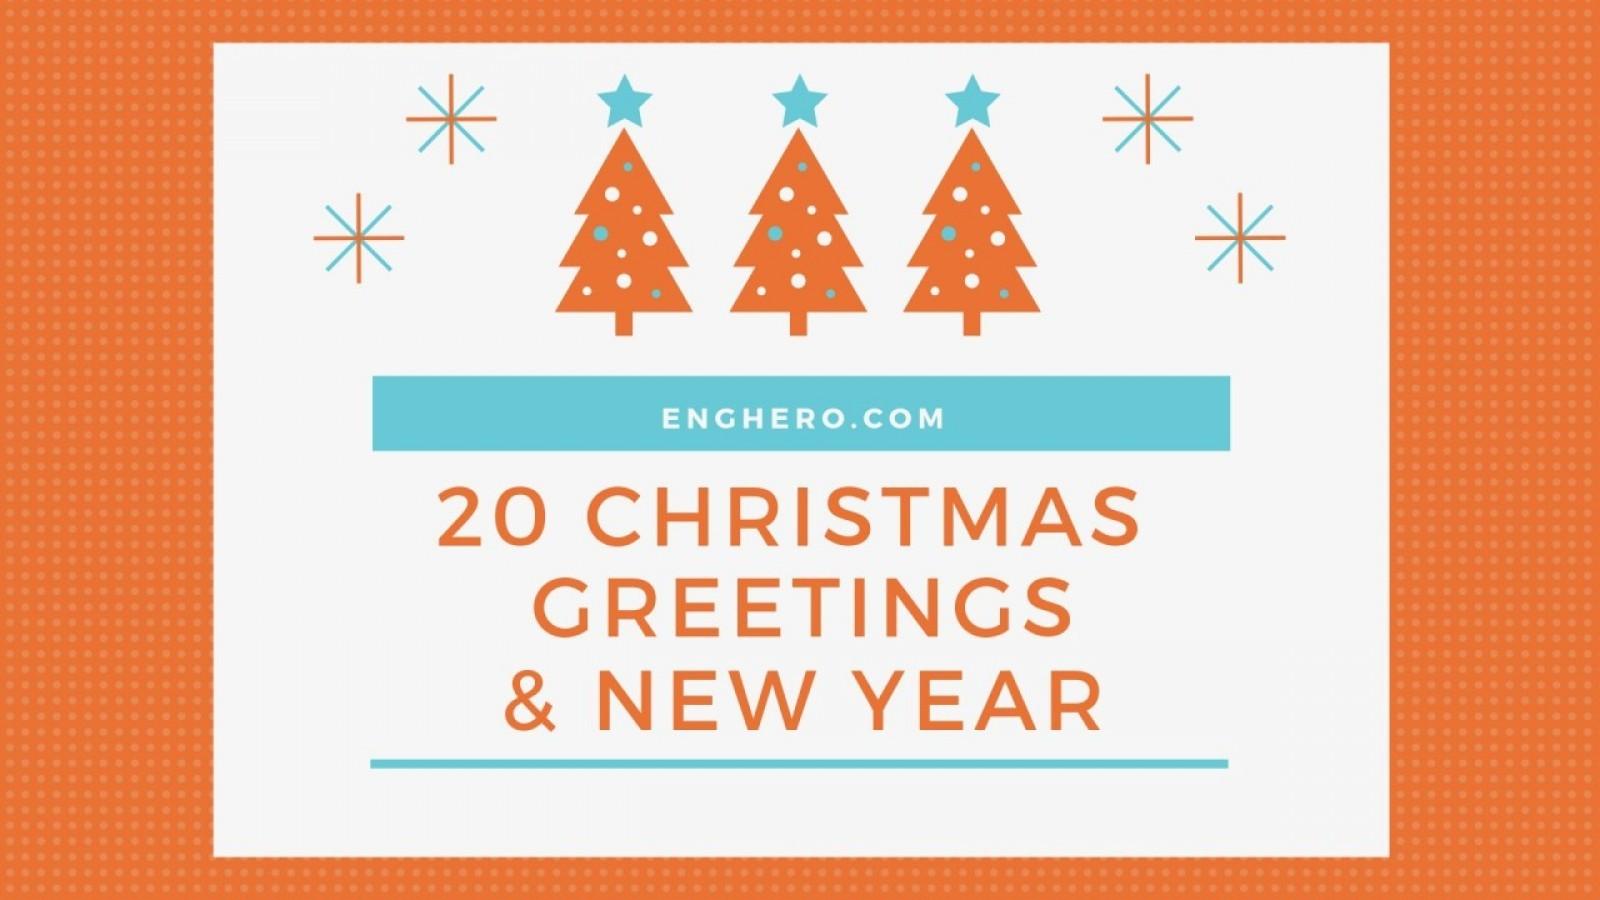 [อัปเดต ปี 2019] - 20 คำอวยพรคริสต์มาส-ปีใหม่ (20 Christmas greetings - New Year)